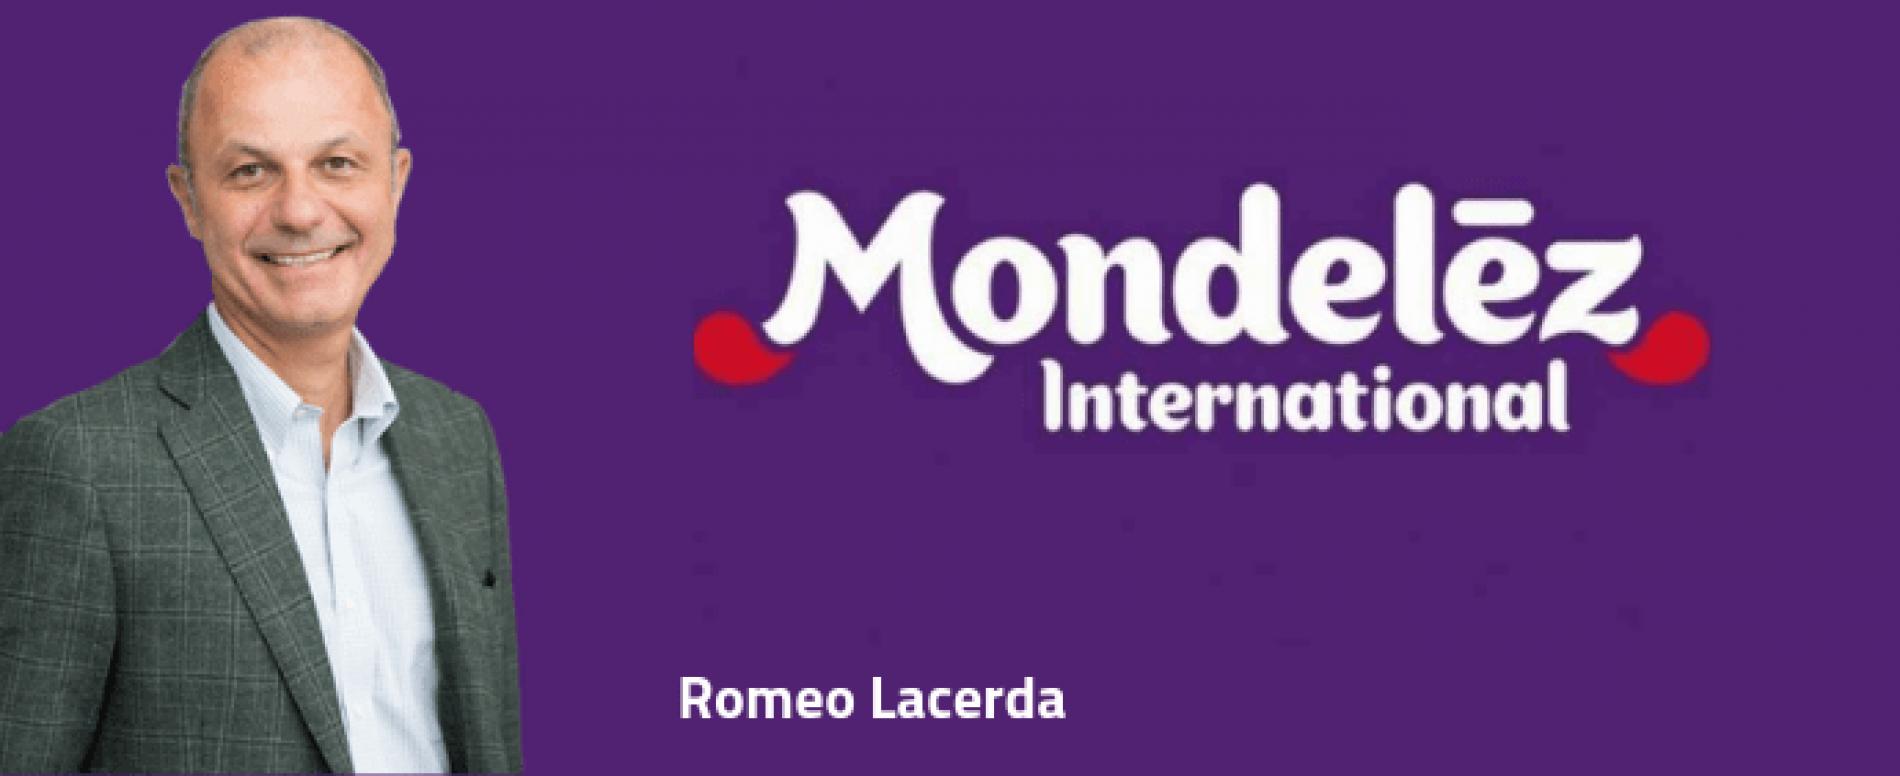 Romeo Lacerda nuovo president Western Europe di Mondelez